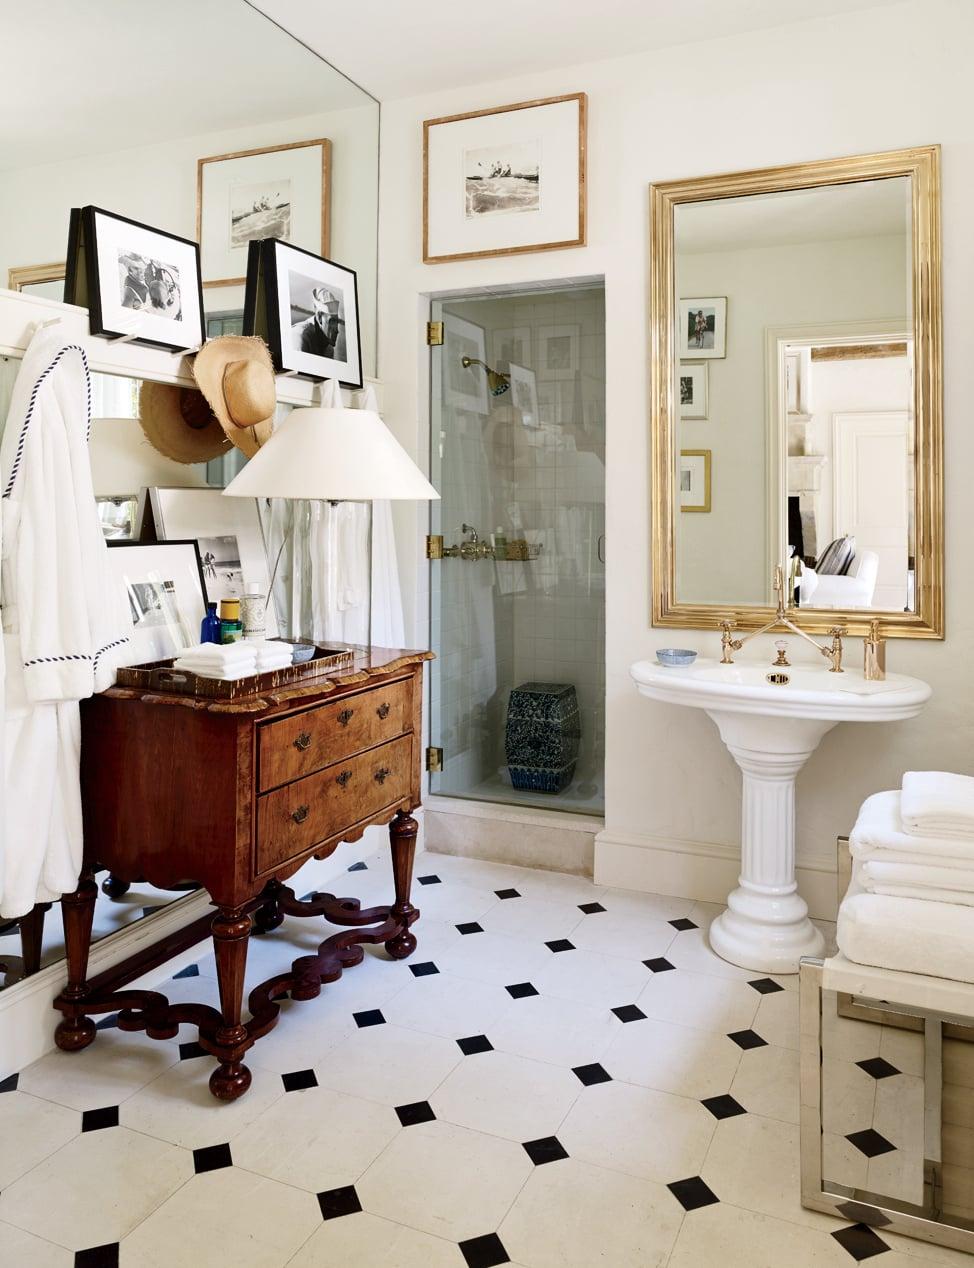 decoracao-de-banheiro-com-moveis-vintage